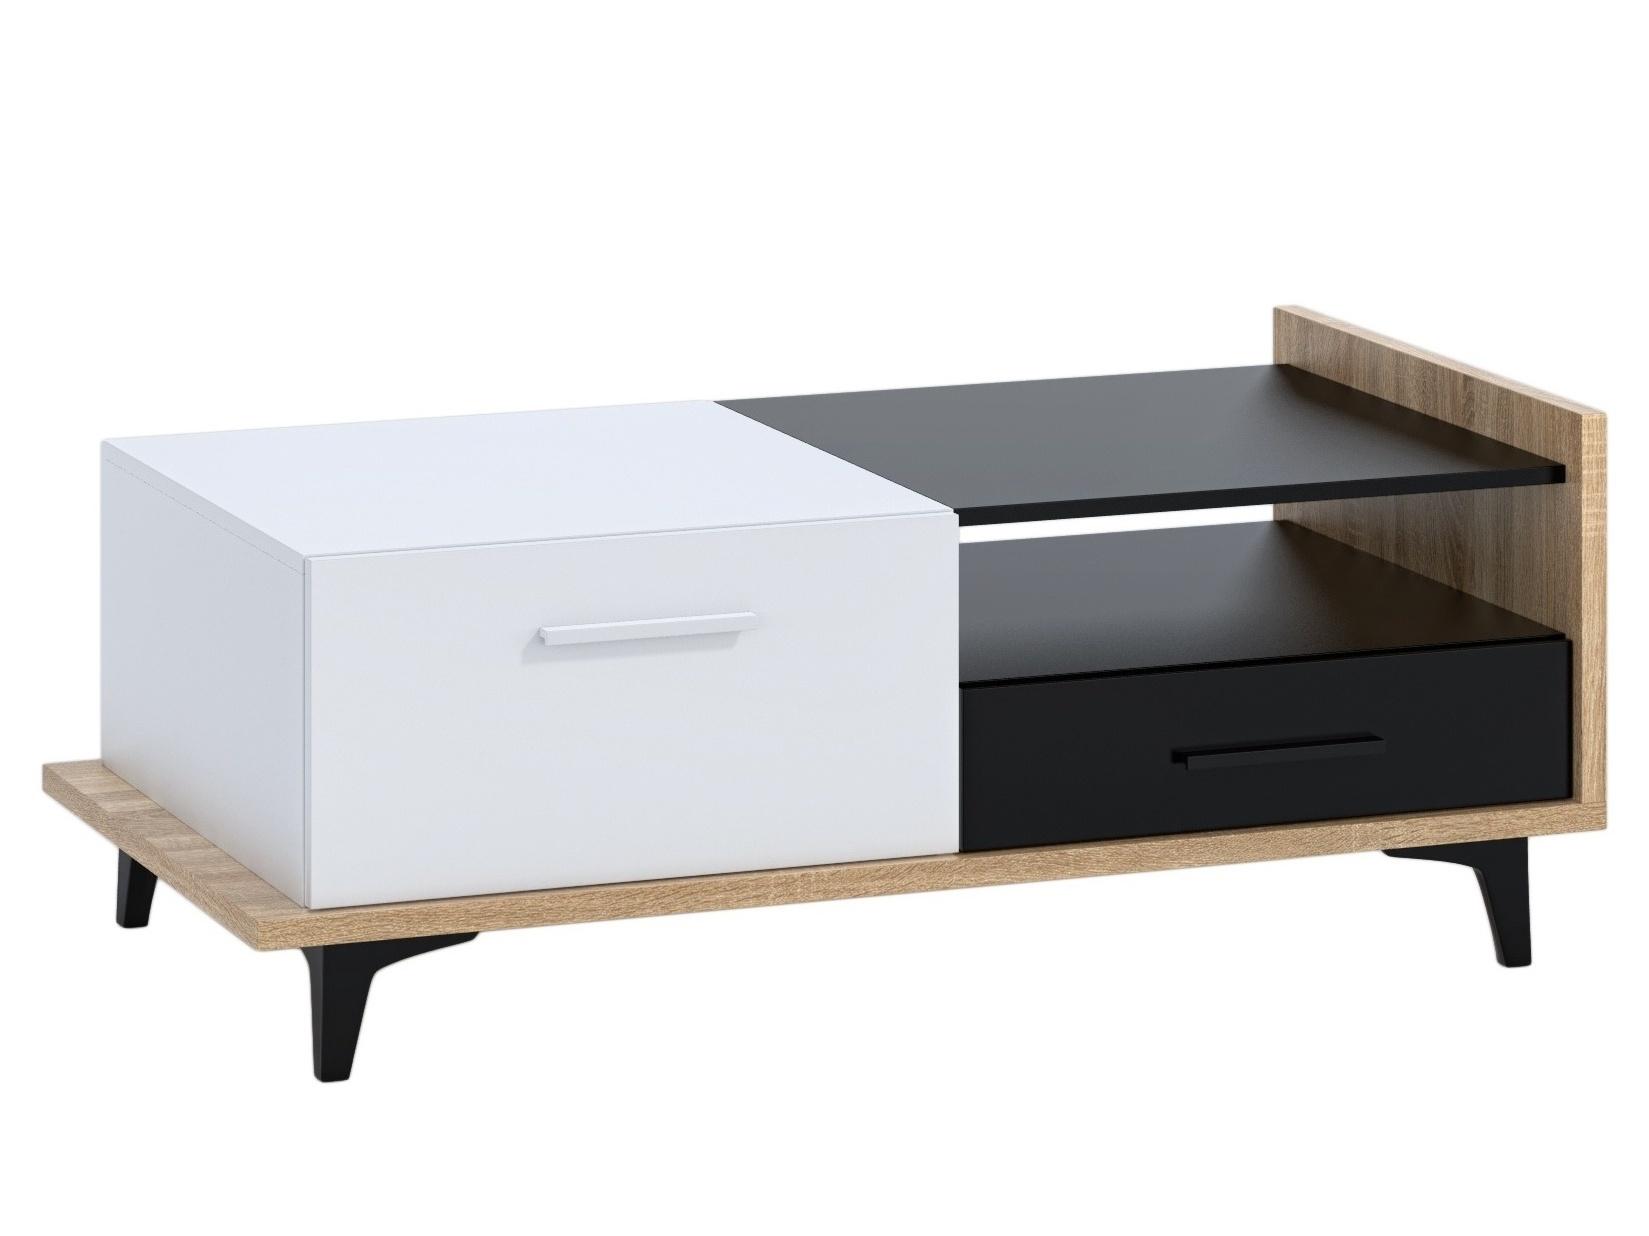 Konferenční stolek KNUT 2D2S, dub sonoma/bílá/černá, 5 let záruka